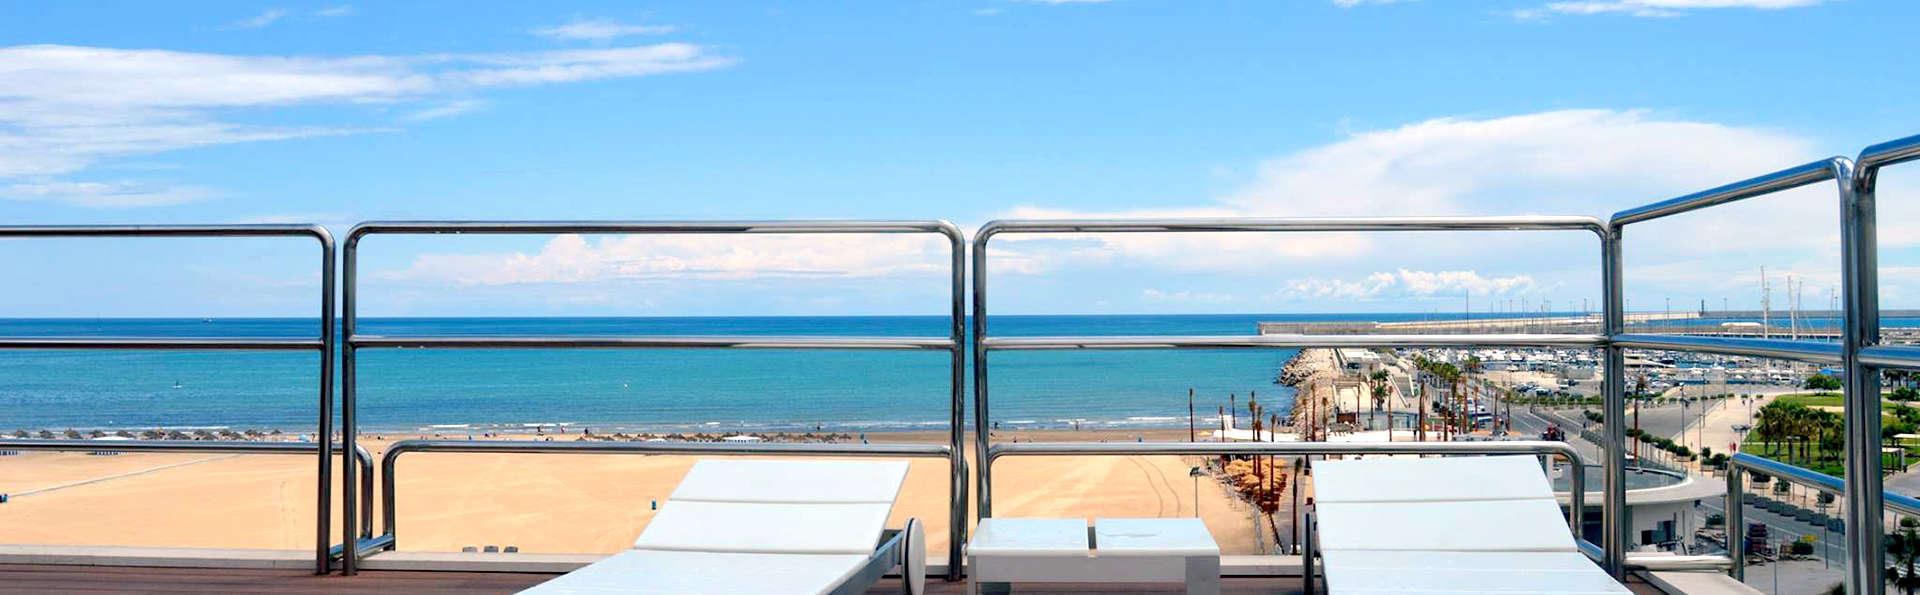 Romantiek met spa, cava en hydromassagebad in Valencia, vlak bij de zee